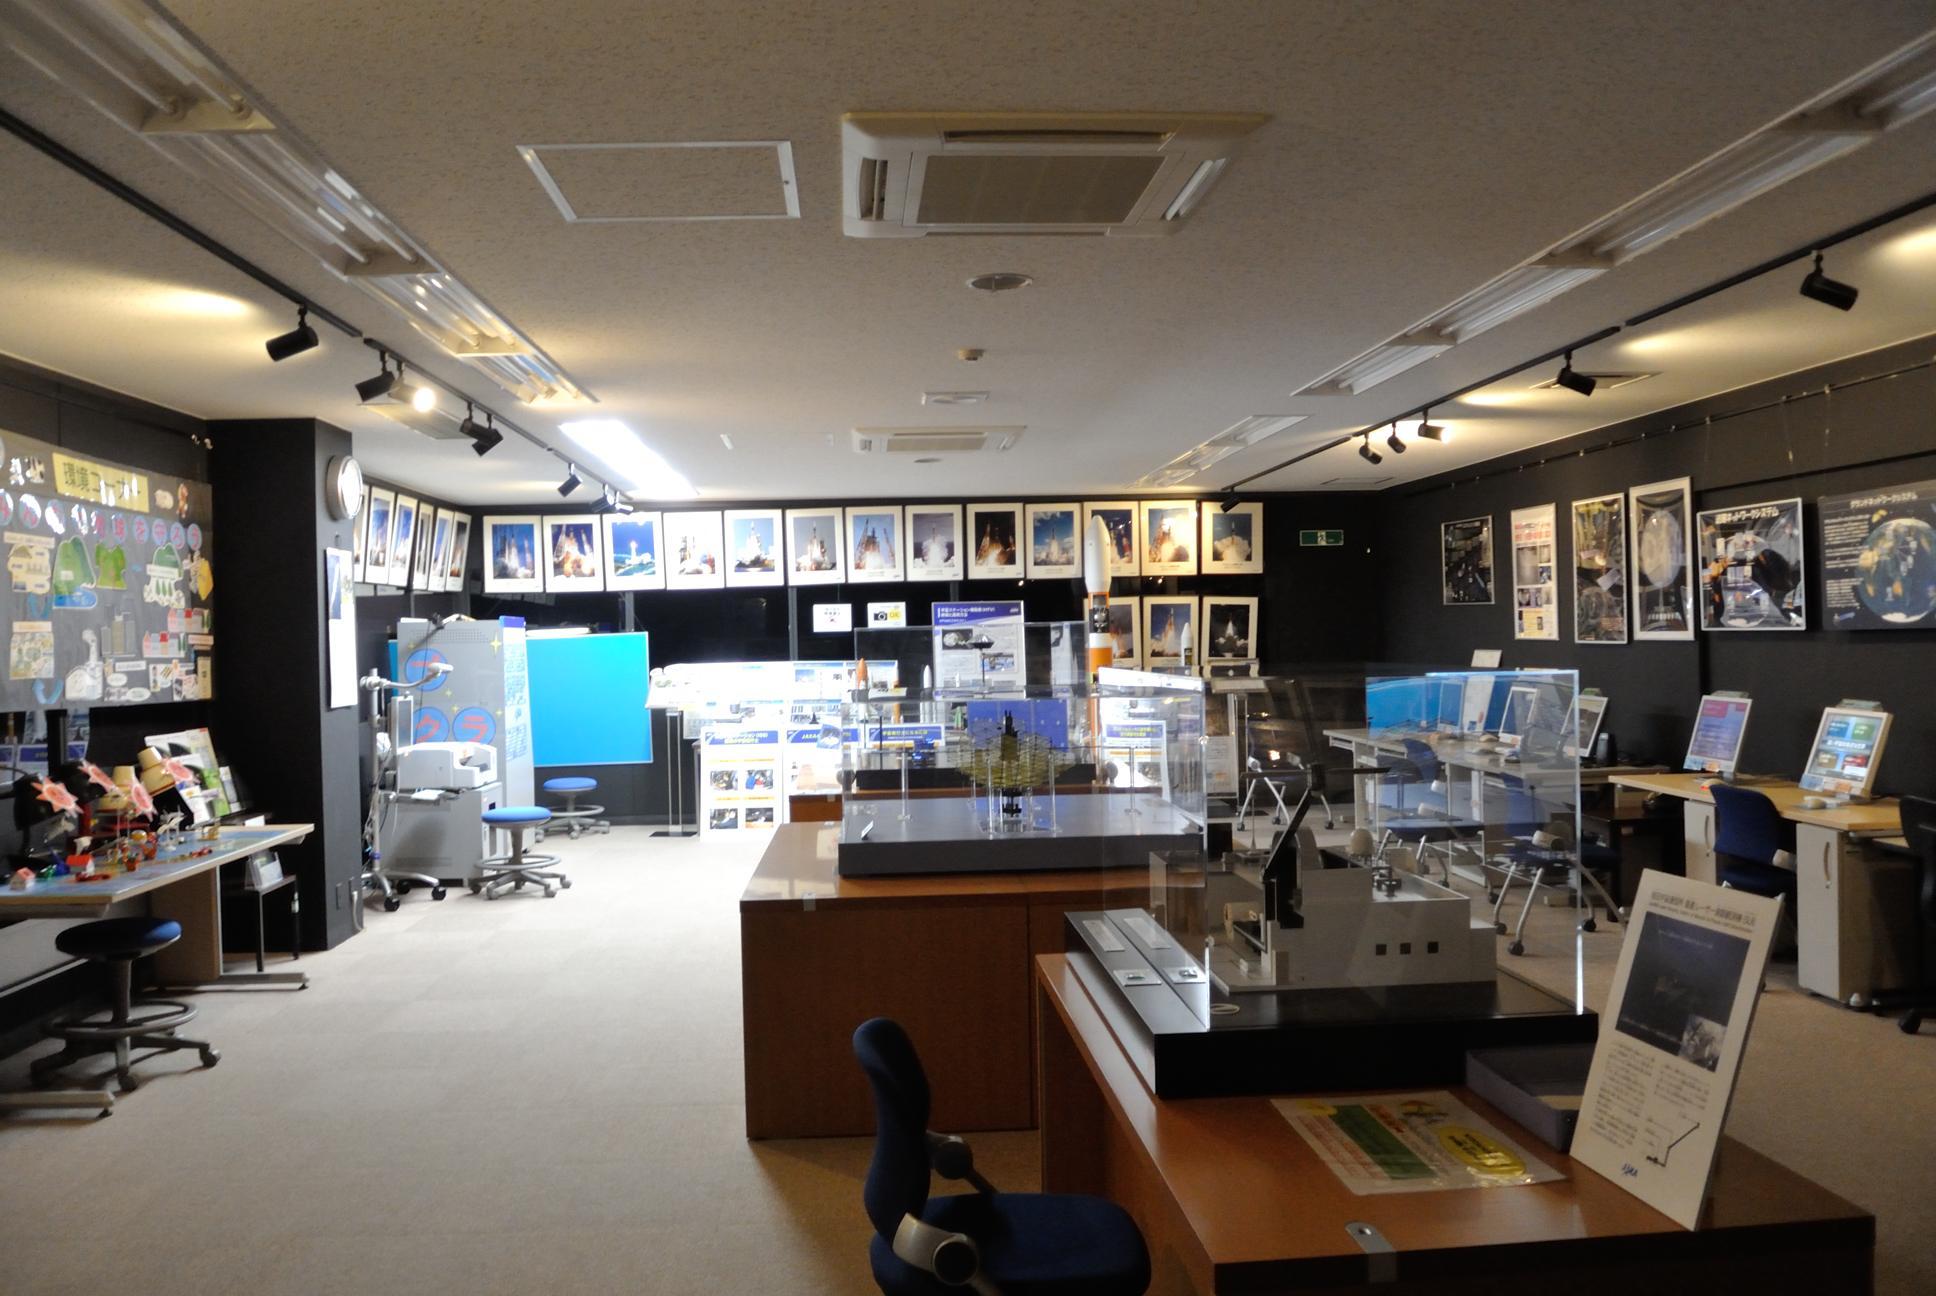 増田宇宙通信所展示室